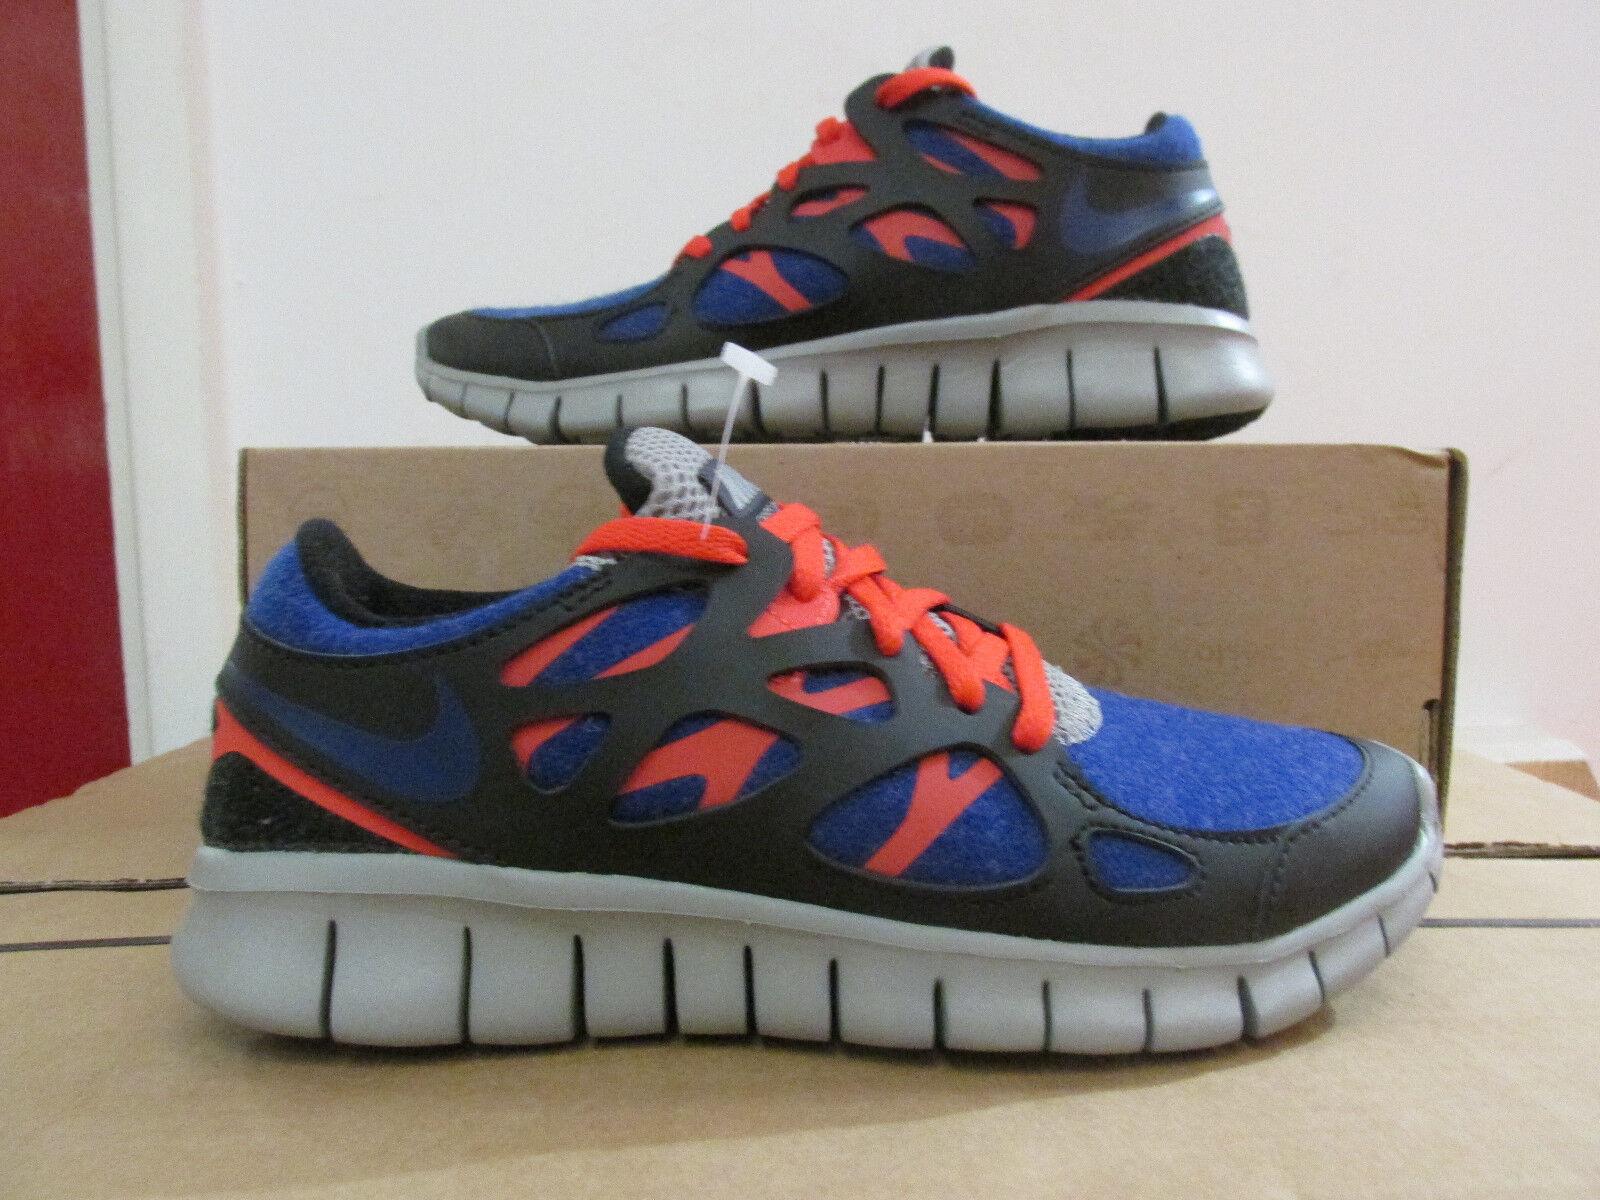 Nike 536746 Gratis Rennen + 2 Ext Damen 536746 Nike 400 Turnschuhe Räumung 628a07